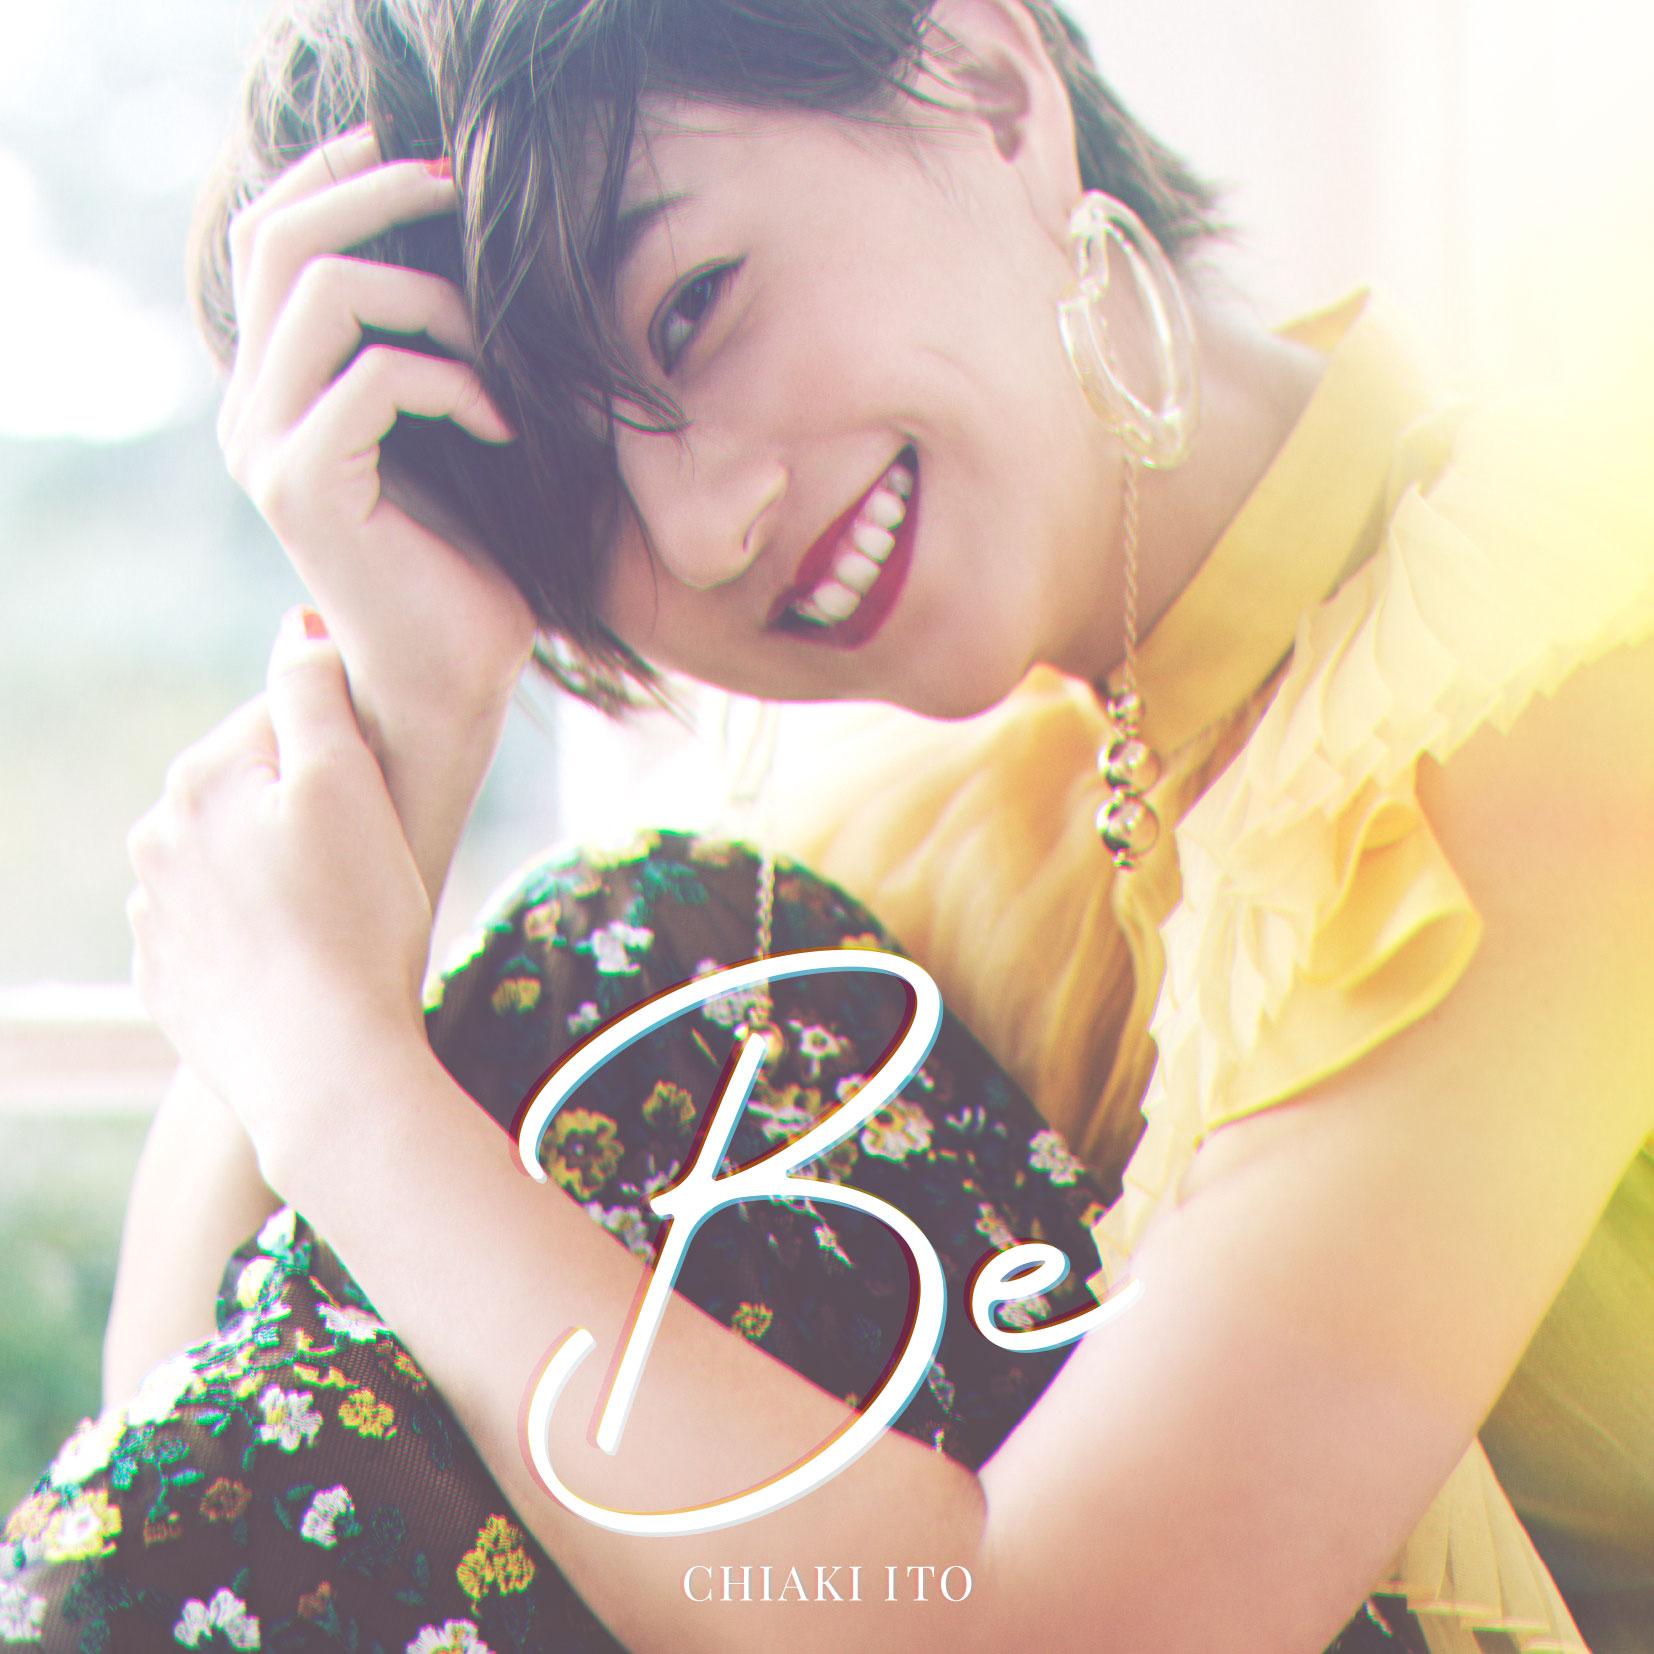 【伊藤千晃さんインタビュー】1stアルバム『Be』に込められた思いやMVのこと。名古屋駅のおすすめフードまで教えてくれました_2